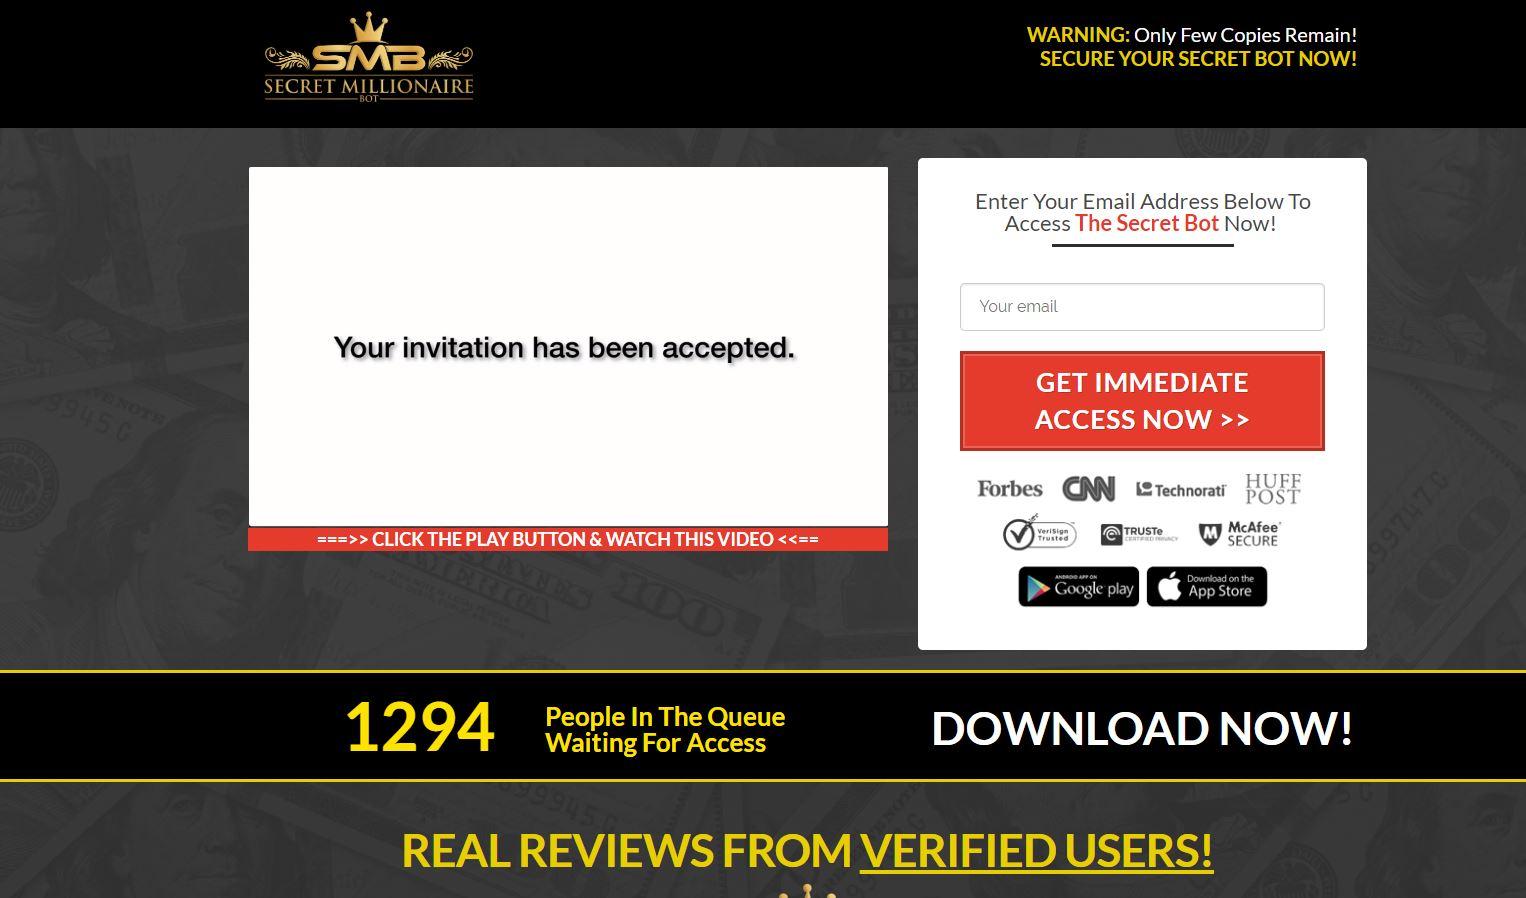 Secret Millionaire Bot – Scam or Legit? - Affiliated Success